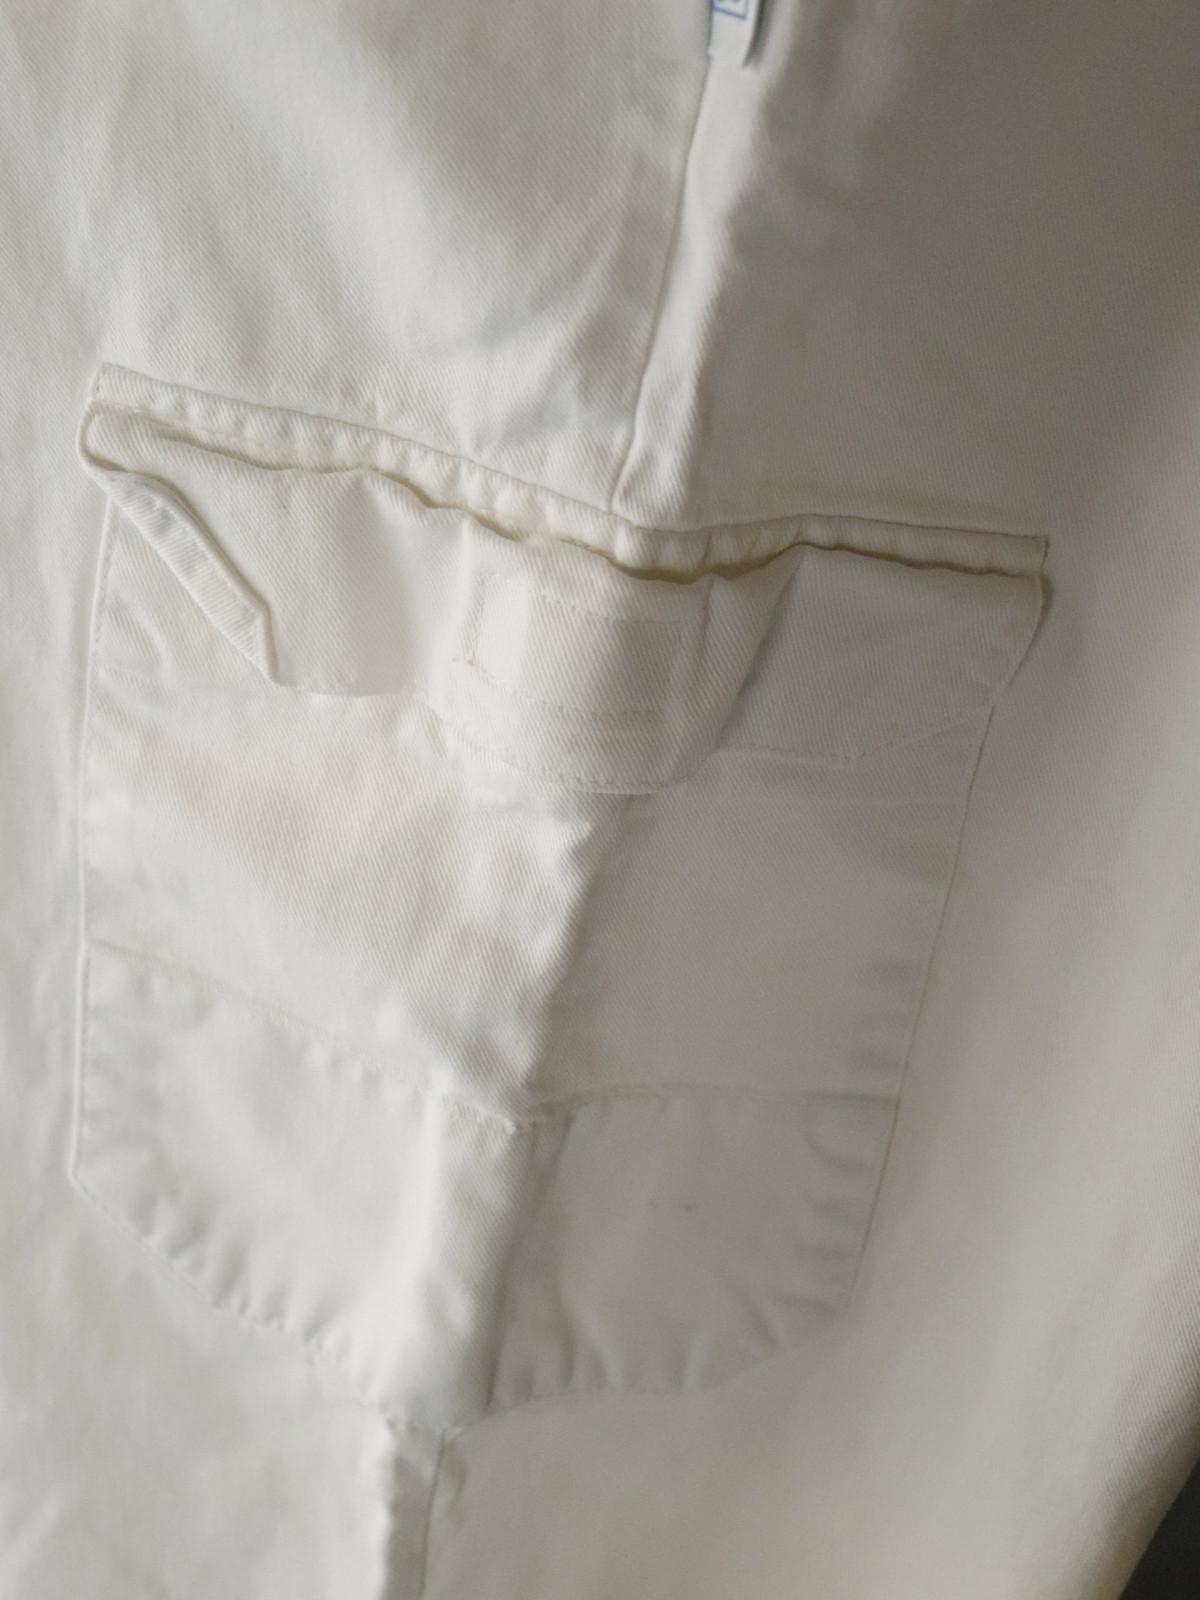 Vintage, work pants,Germany